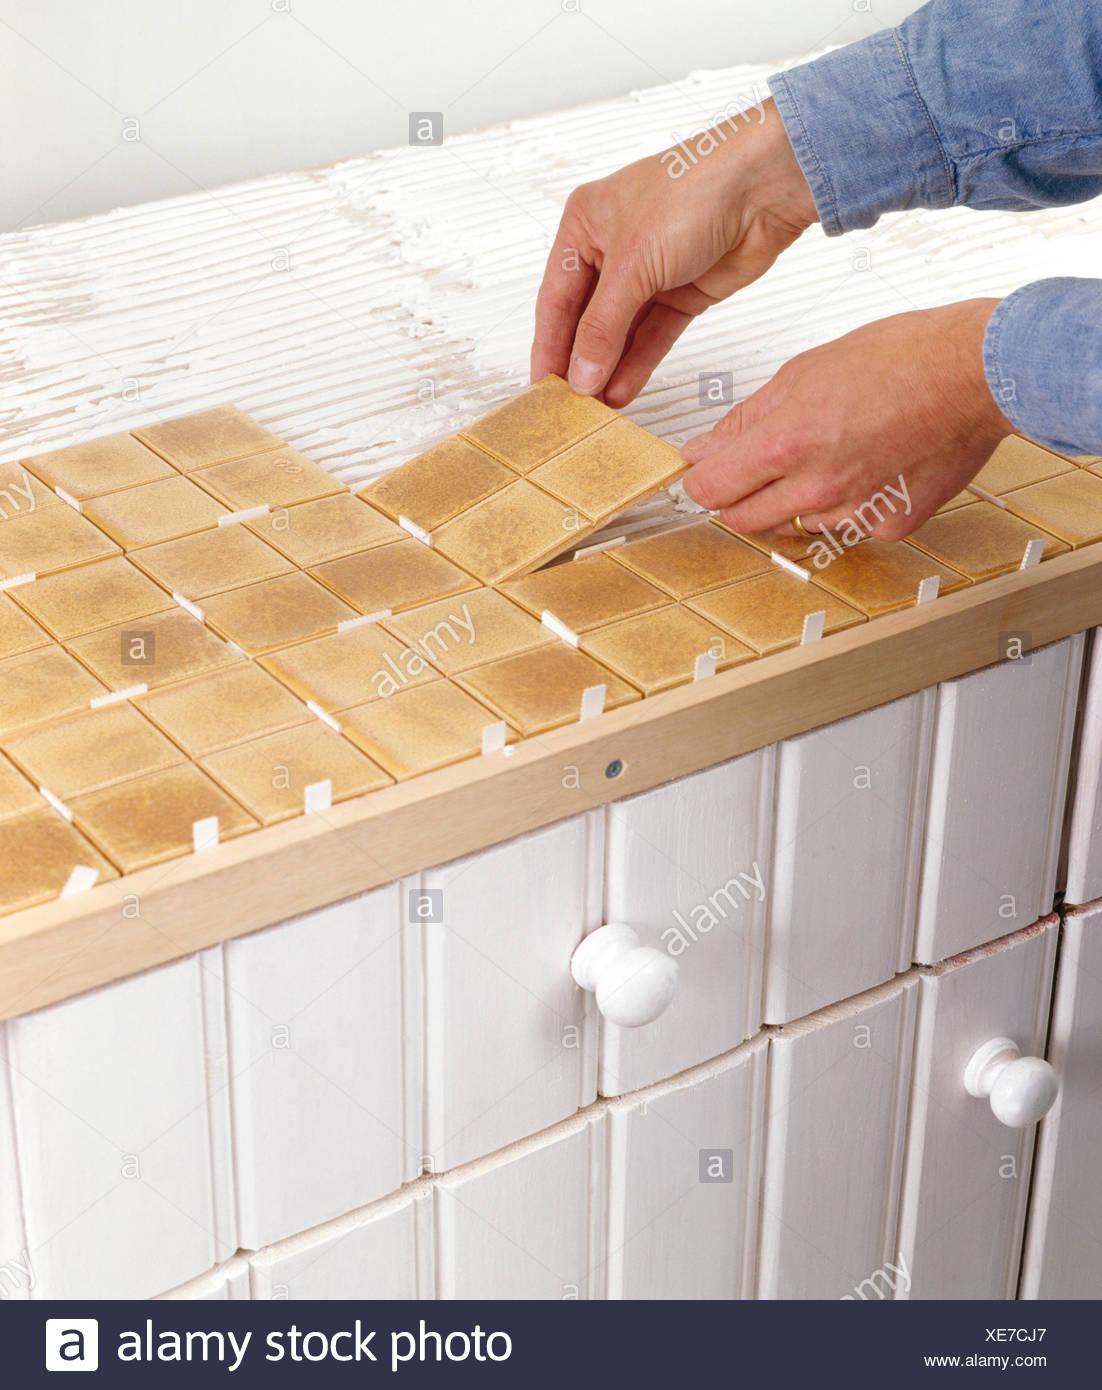 Nahaufnahme Der Hände Eine Küchenarbeitsplatte Fliesen Stockfoto - Küchenarbeitsplatte aus fliesen